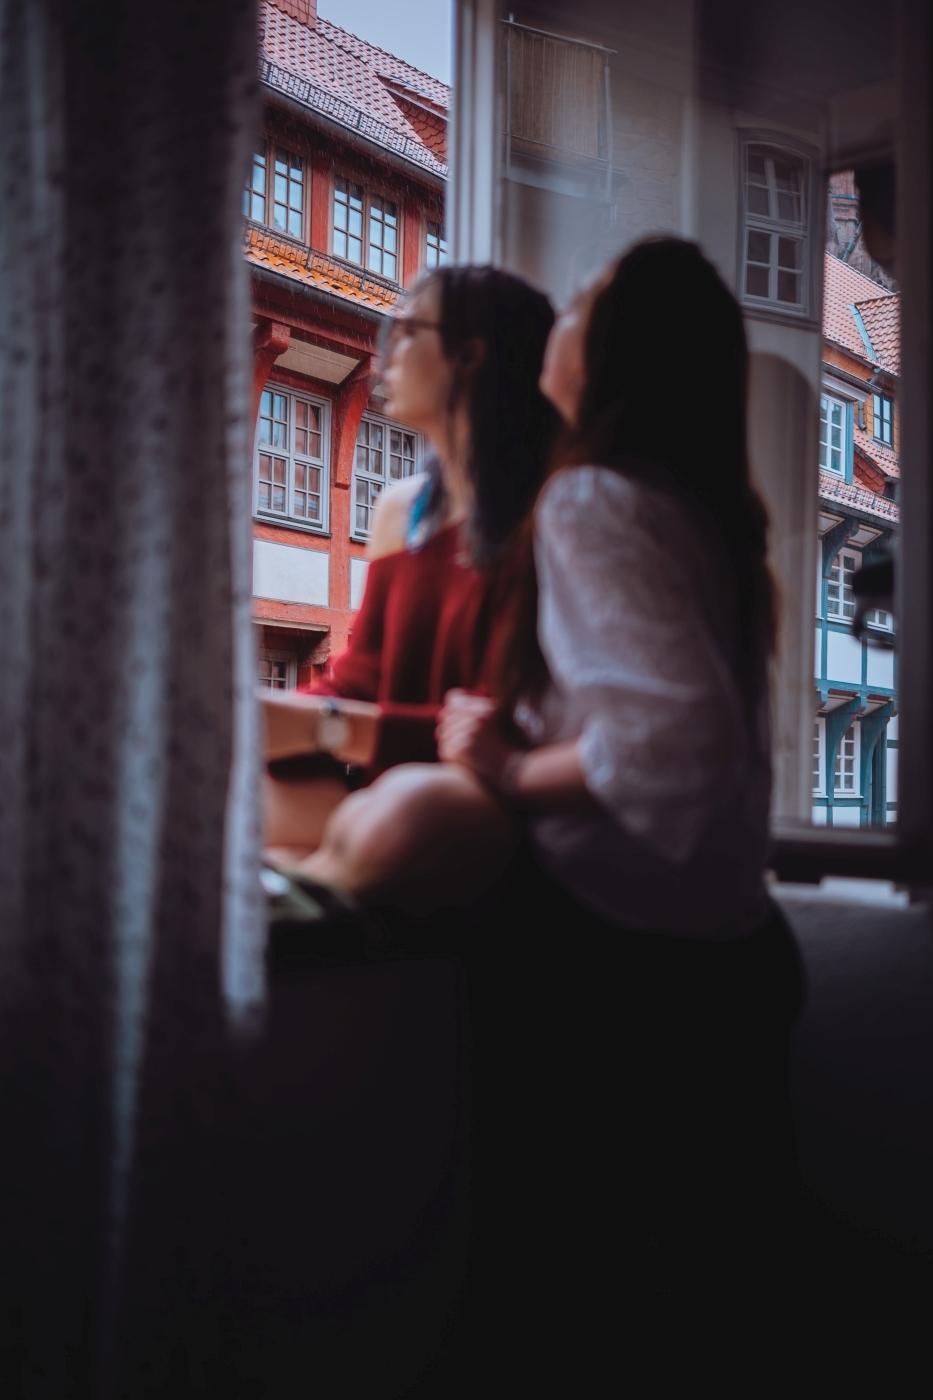 Während eines Shooting in Göttingen kam plötzlich alles anders als der Himmel aus dem Nichts einen kompletten Wolkenbruch beschert hat und die Freunde Laura und Lea pitschnass nachhause flüchten mussten. Daraus entstand die erste Freundesreportage geschoßen von dem Fotografen Steins Pictures aka Daniel Schubert aus München.